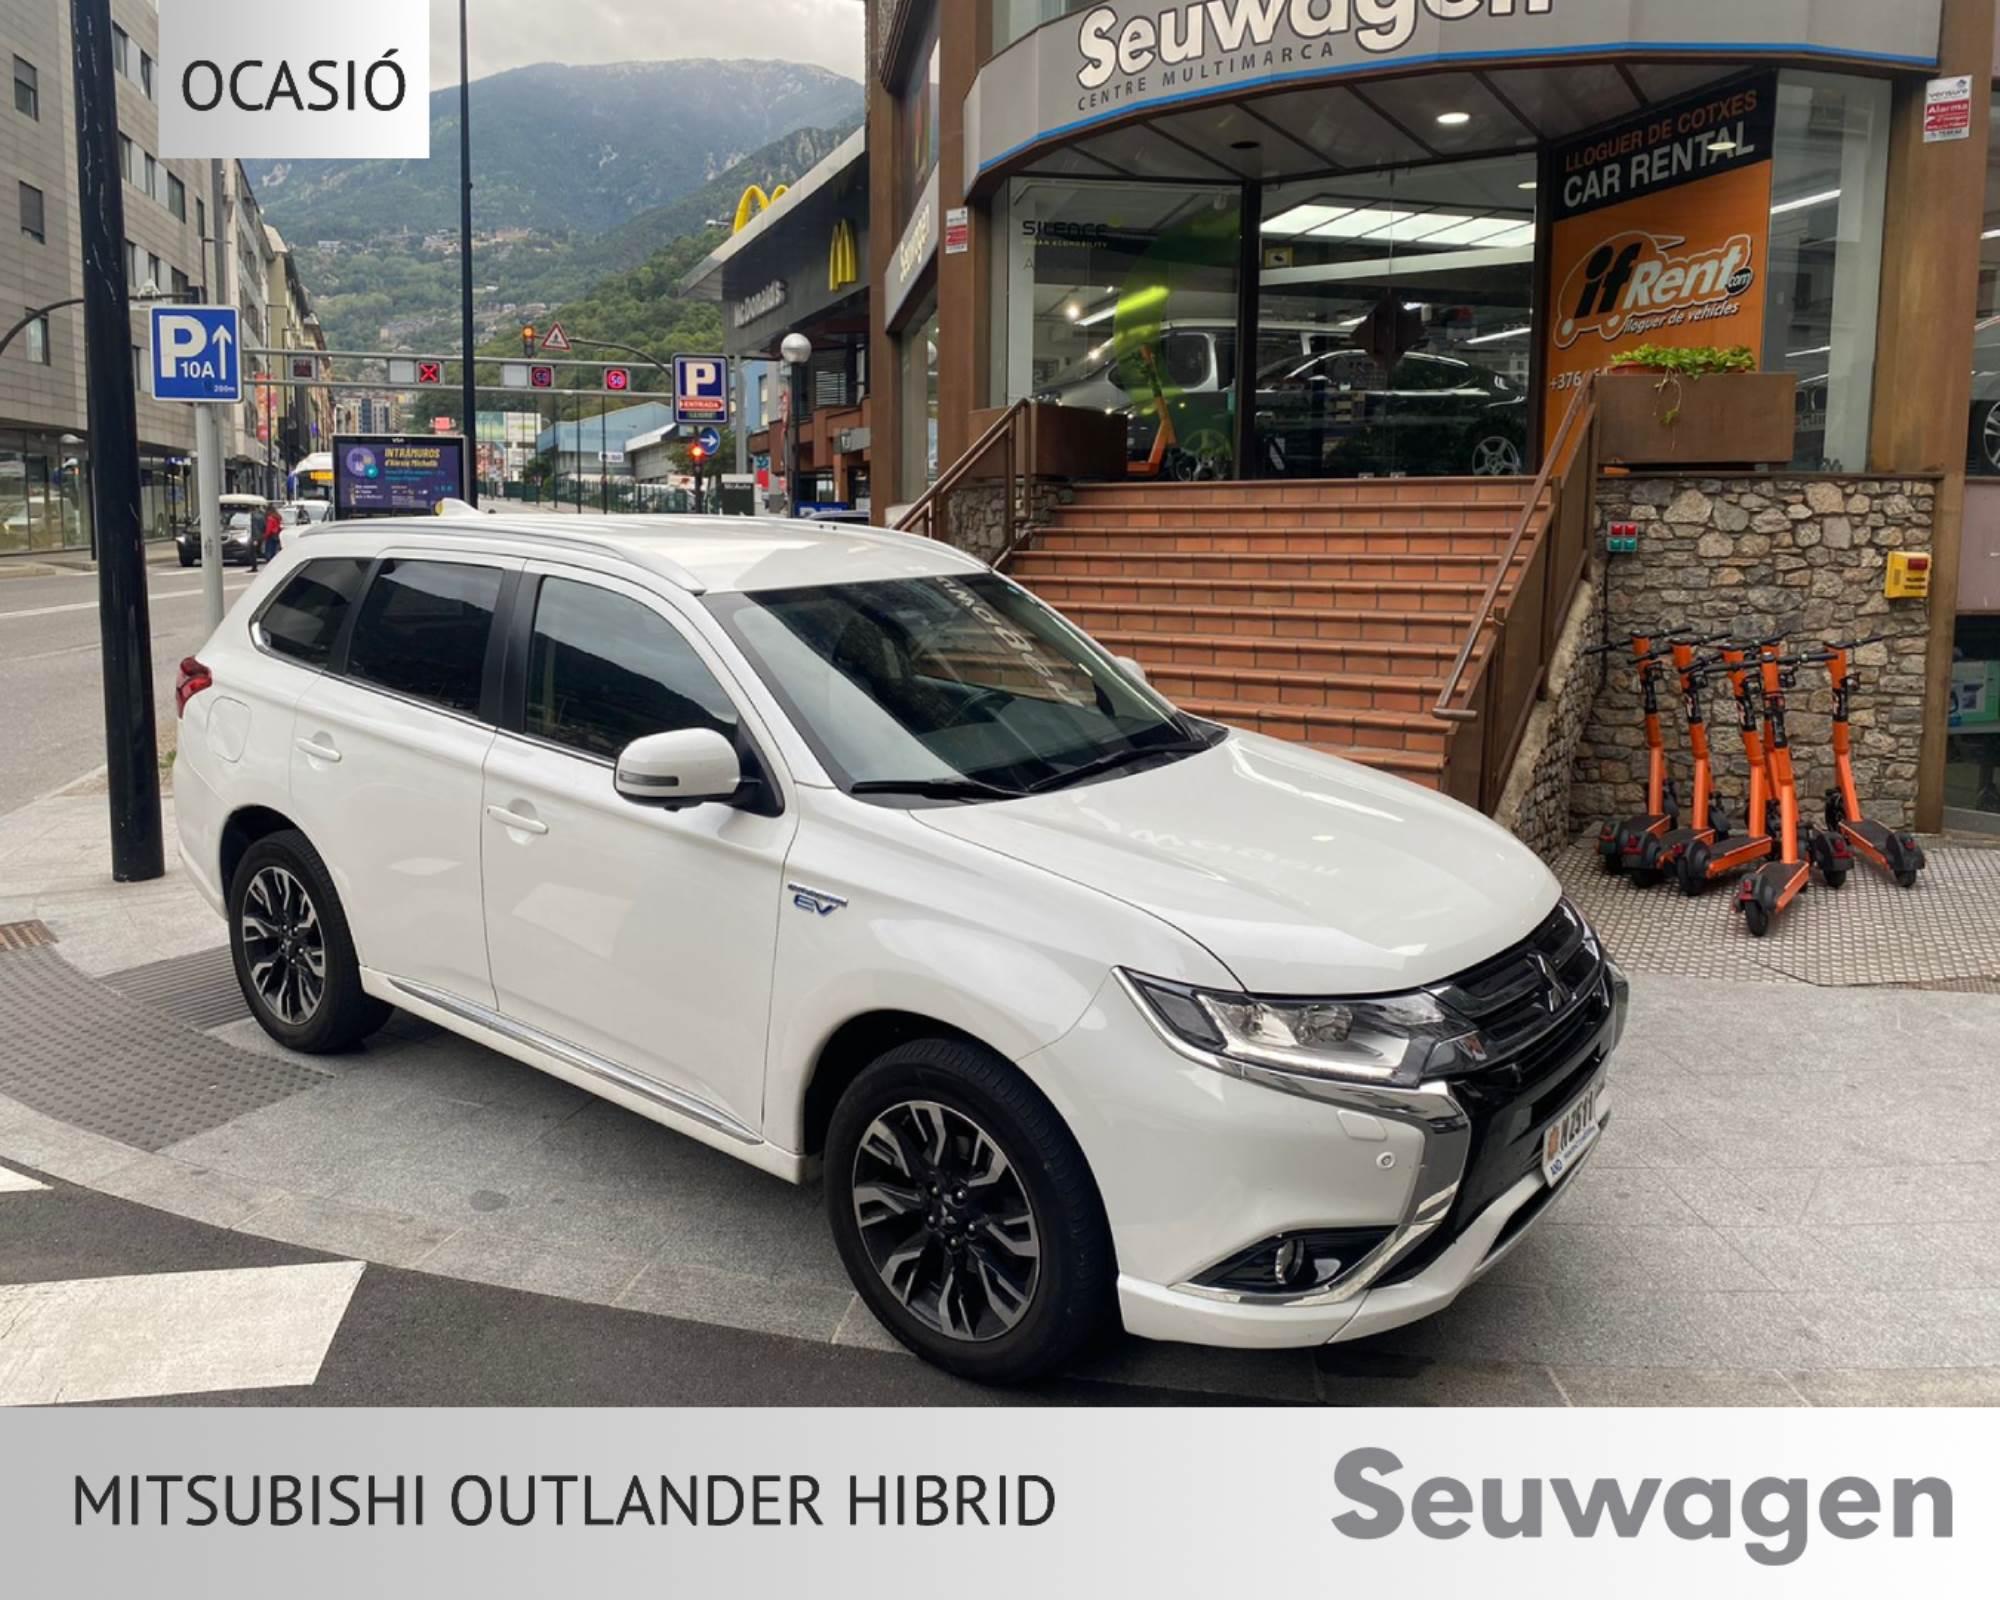 Mitsubishi - Outlander - PHEV Kaiteki PHEV Kaiteki Híbrid Endollable  2017  80.000 Km